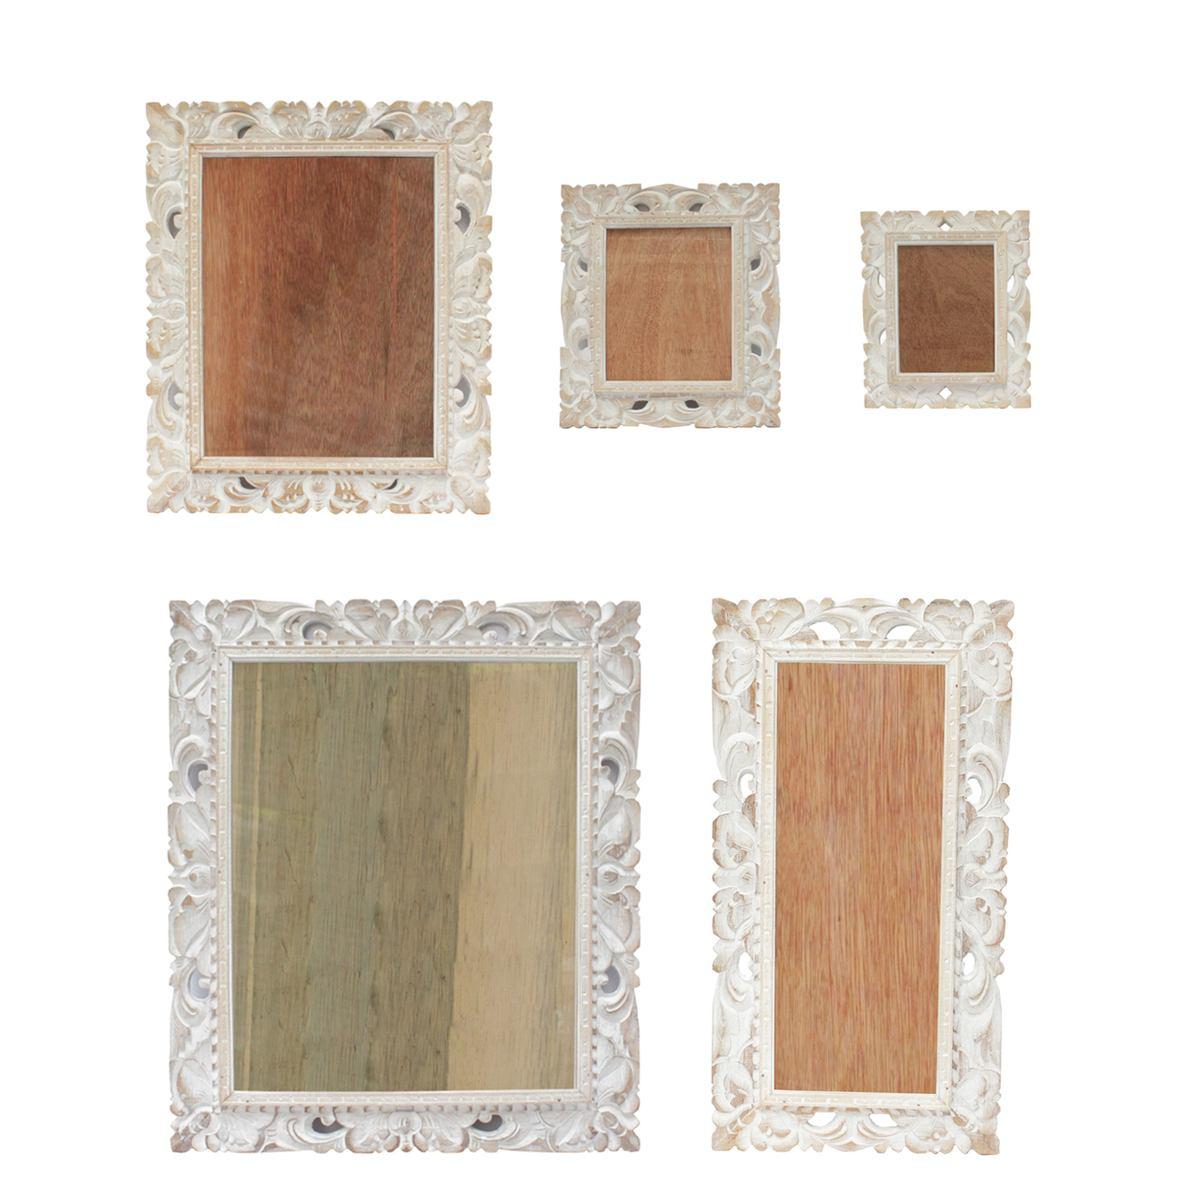 Bilderrahmen aus Holz Foto Rahmen Schnitzerei Wand Deko Glas